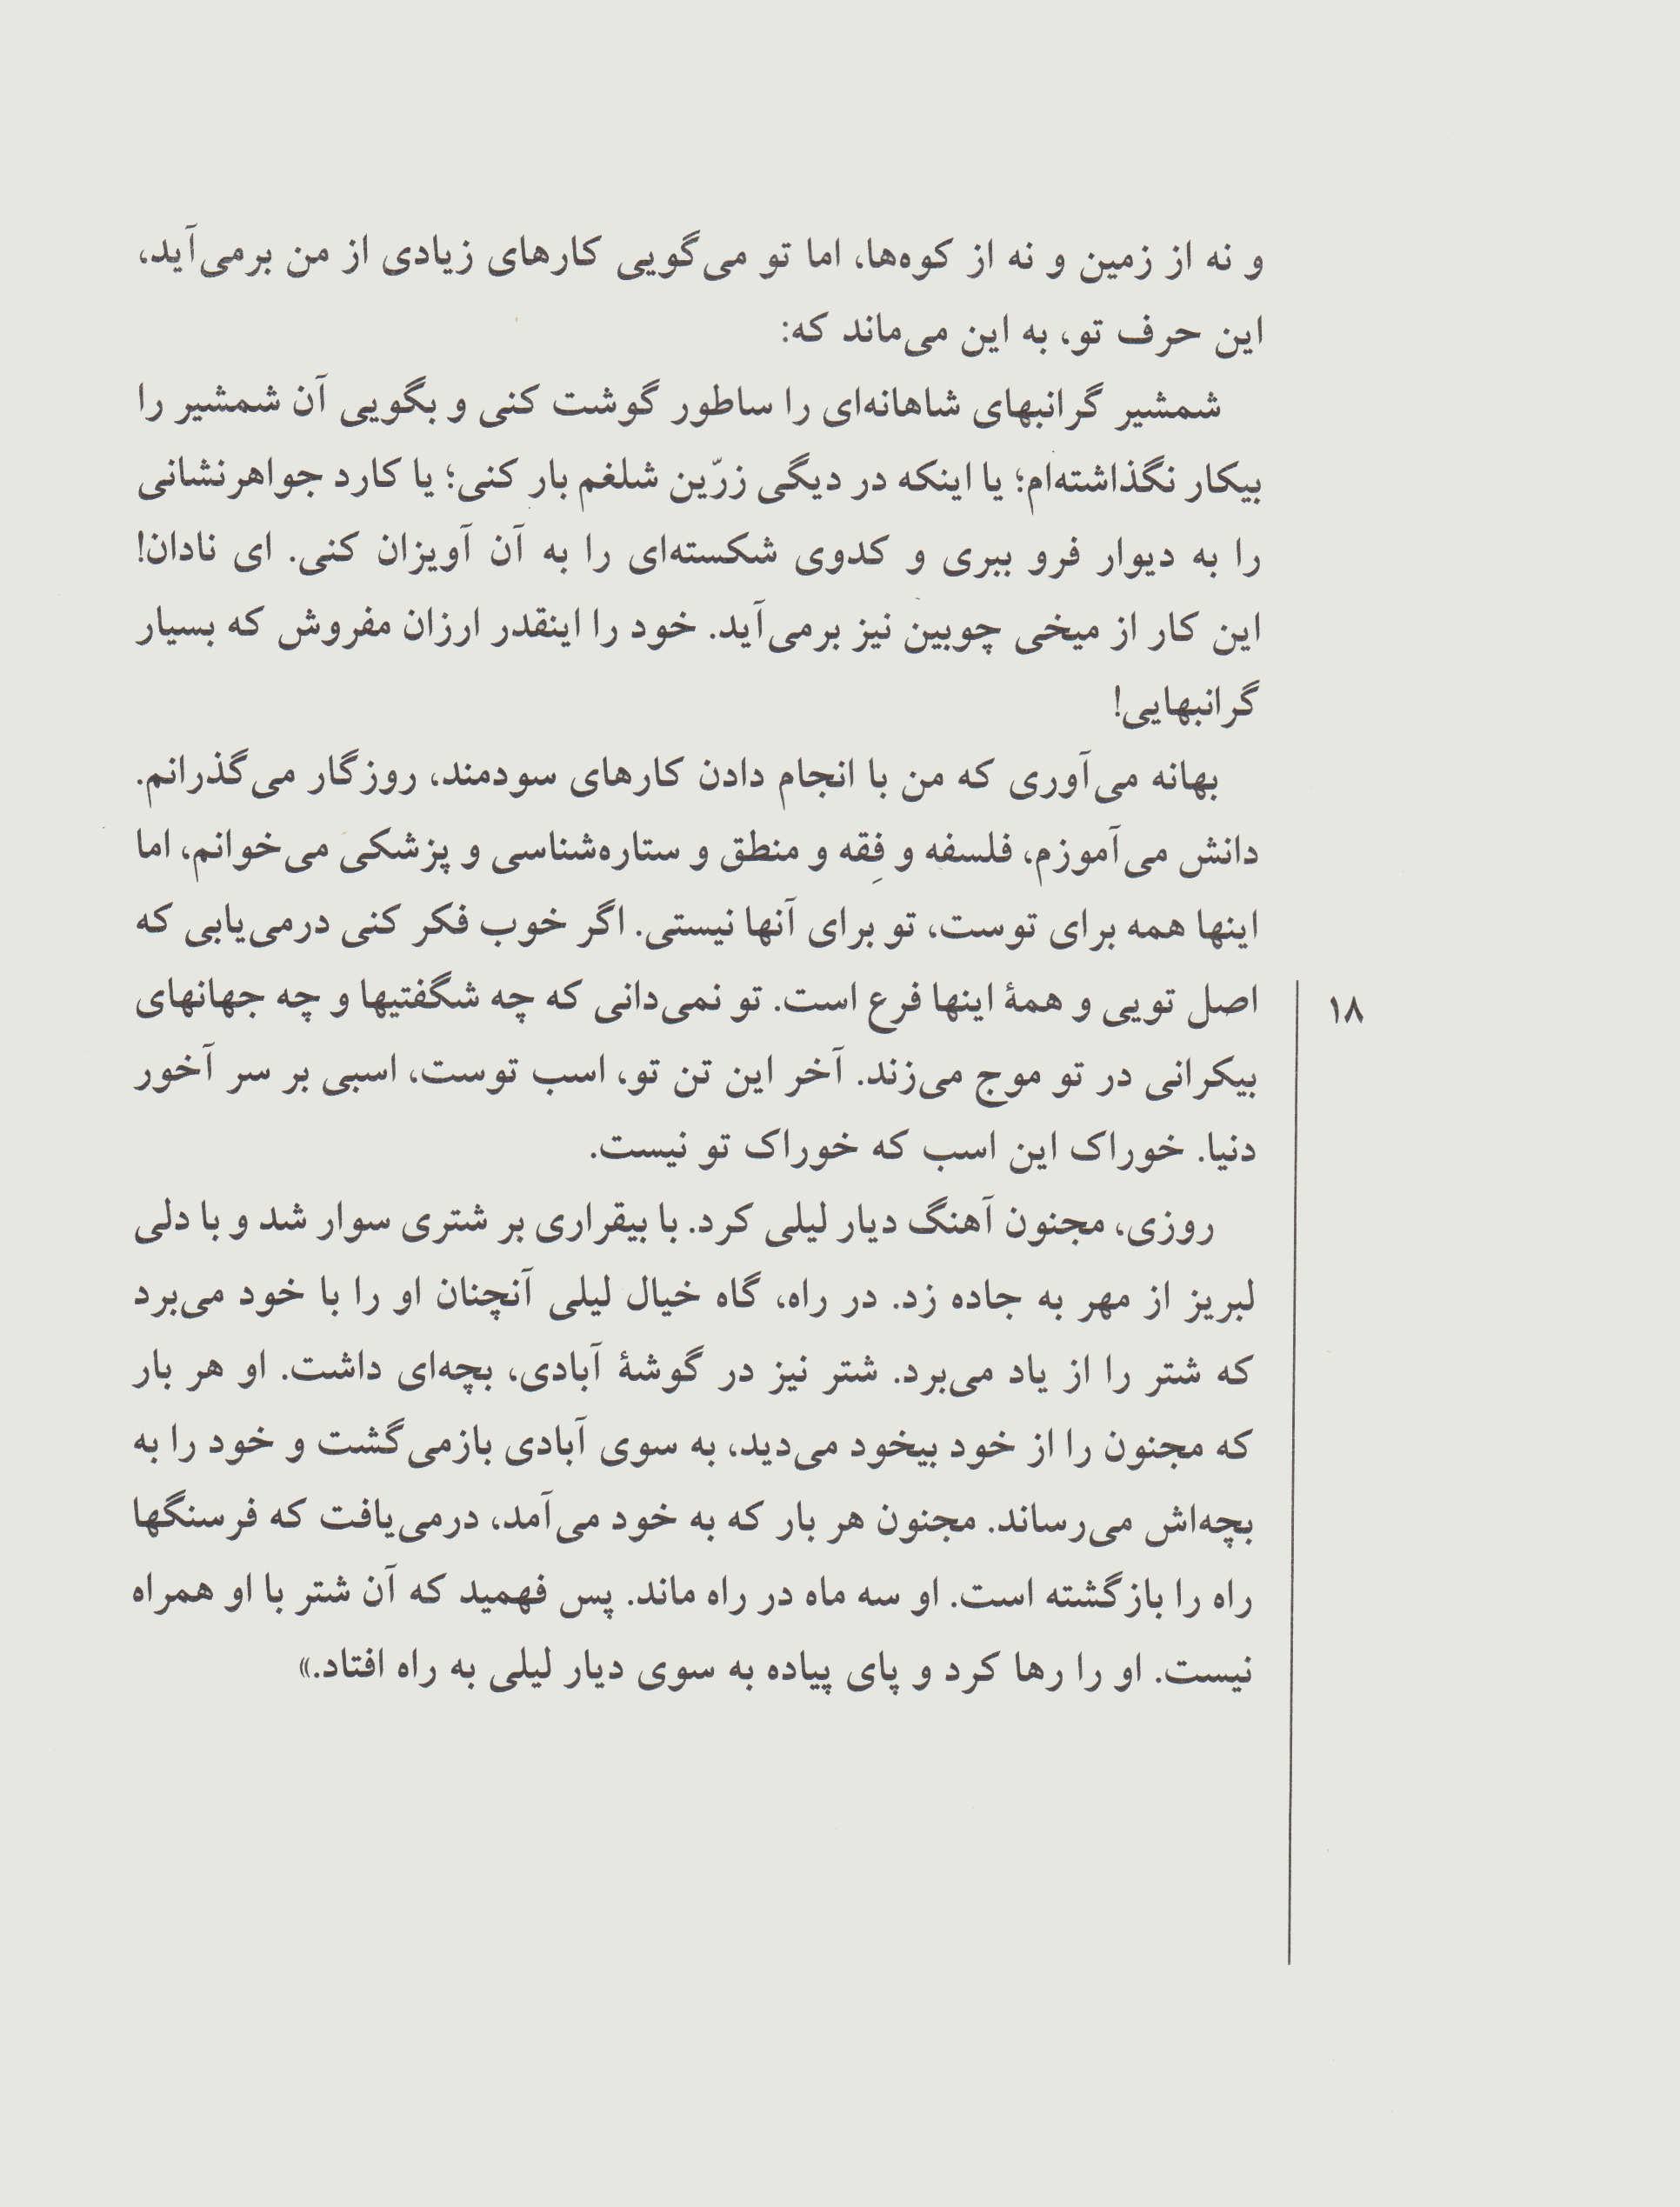 قصه های خواندنی فیه مافیه مولوی (تازه هایی از ادبیات کهن ایران)